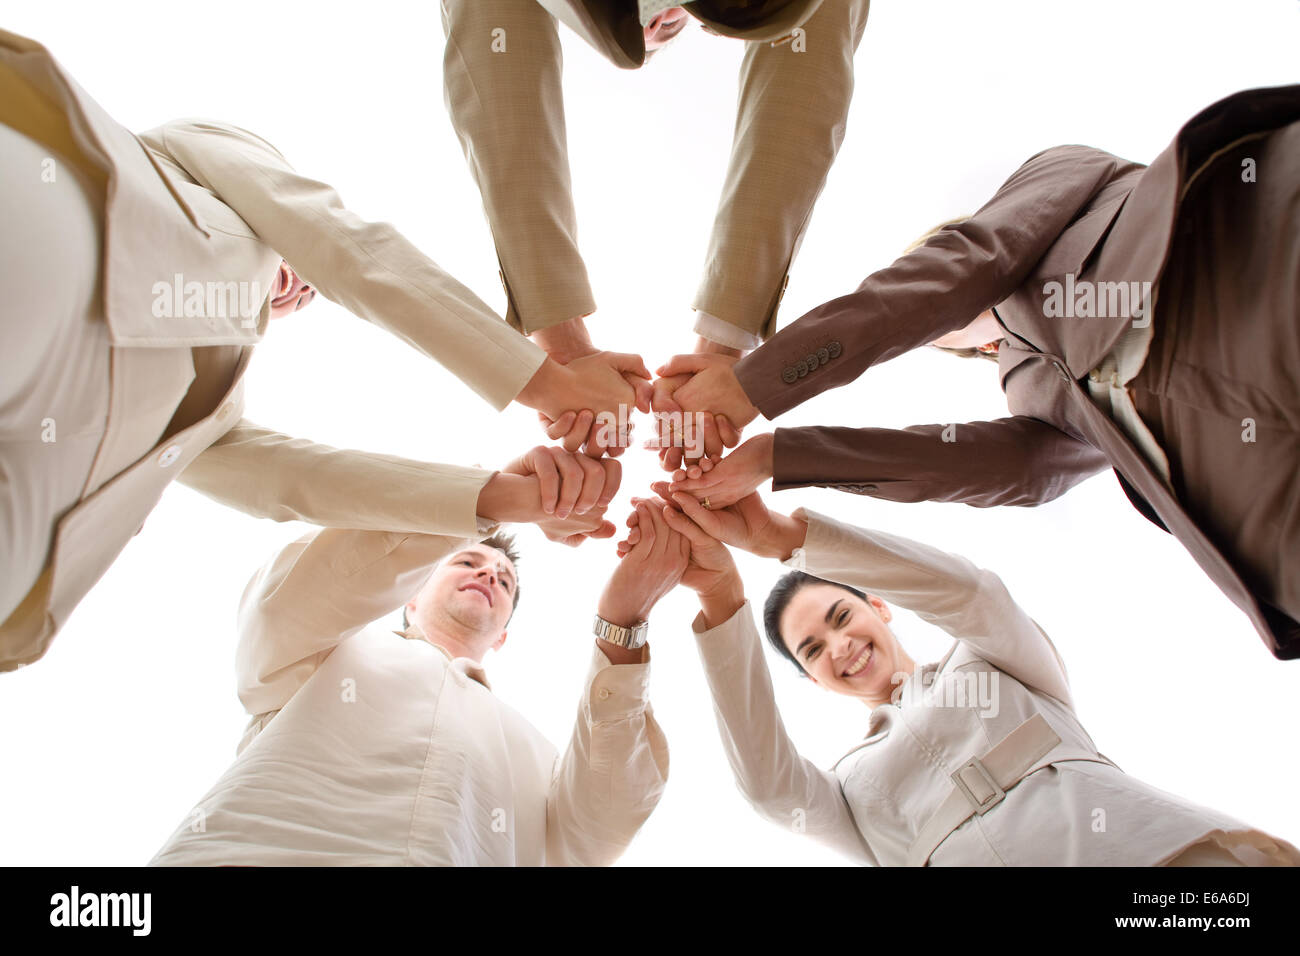 Trabajo en equipo,cooperación,equipo Imagen De Stock